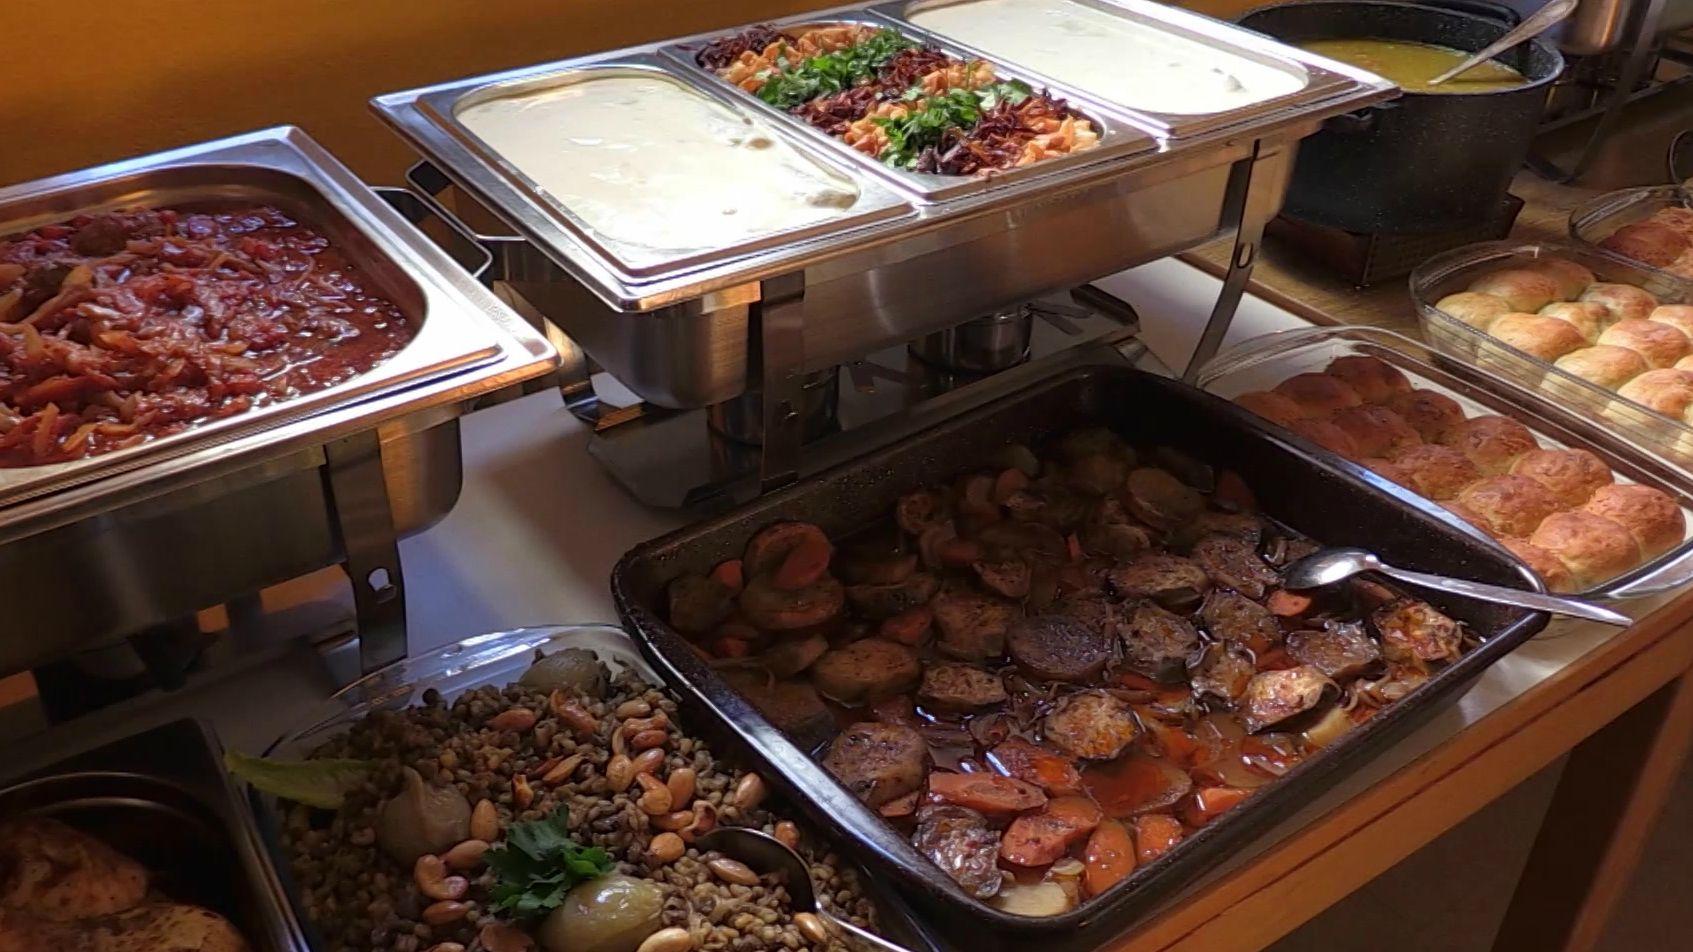 Arabisches Mittagsbuffet in Gunzenhausen.